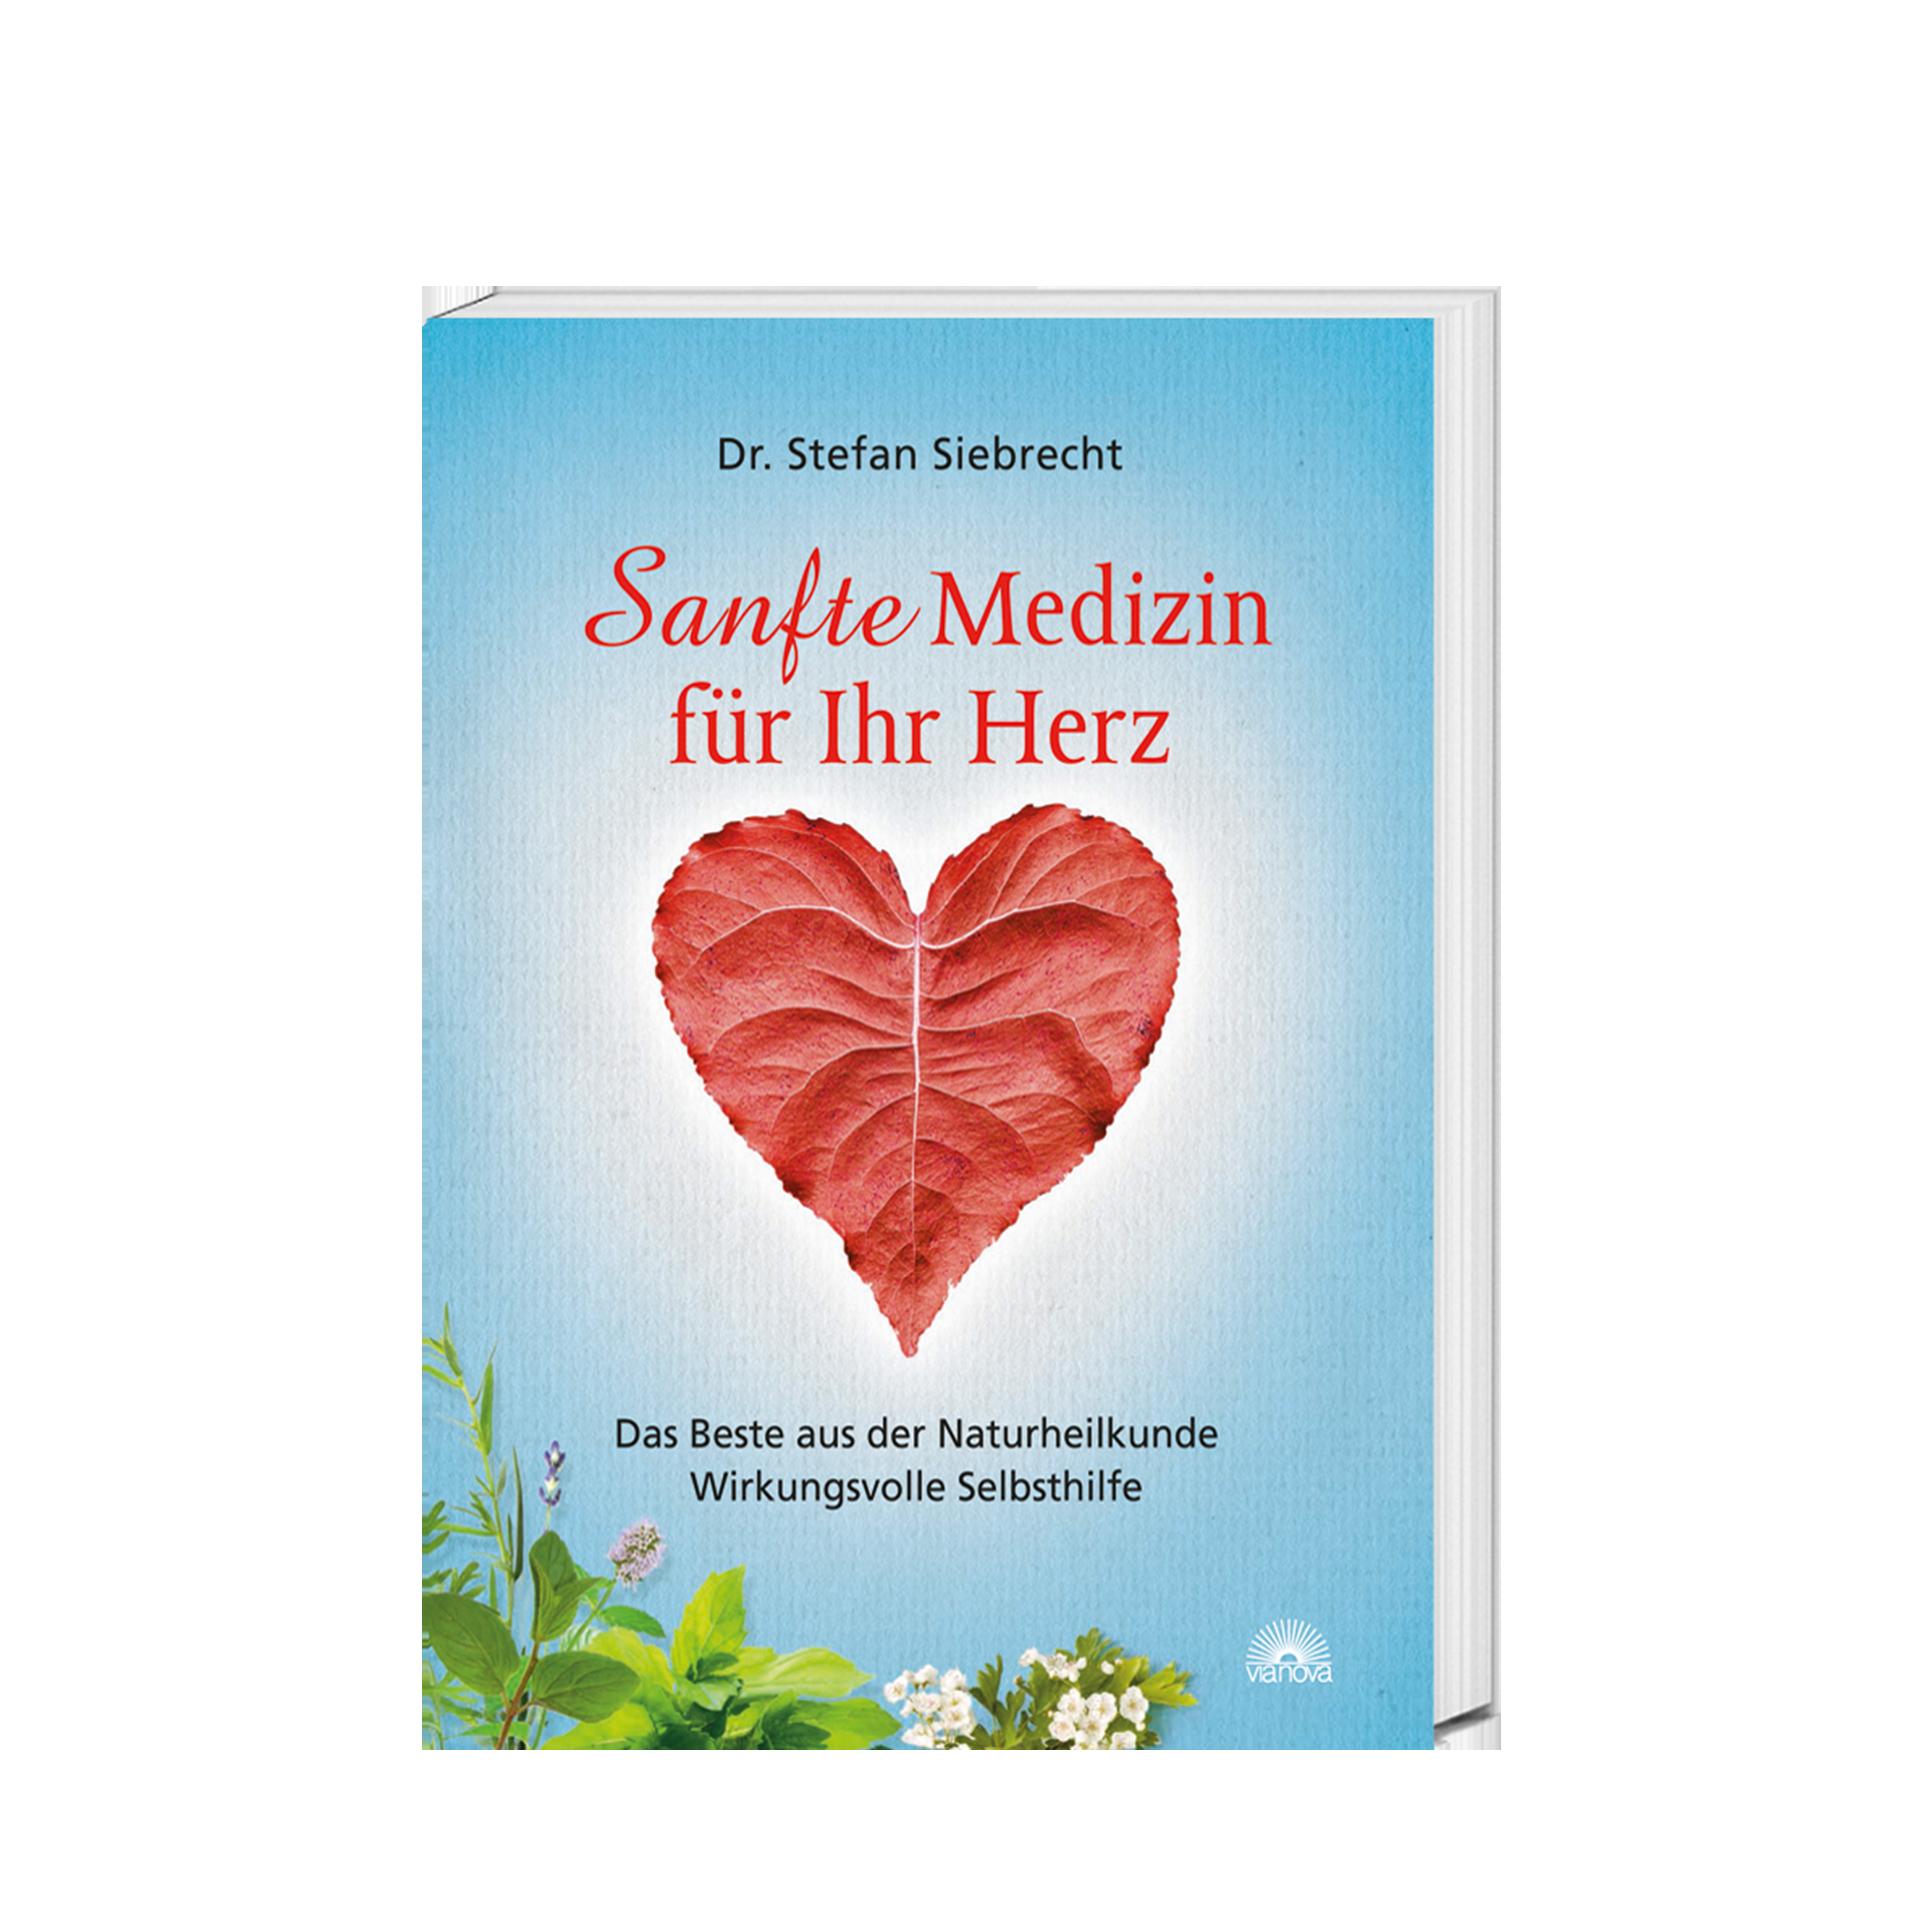 Sanfte Medizin für Ihr Herz, 200 Seiten